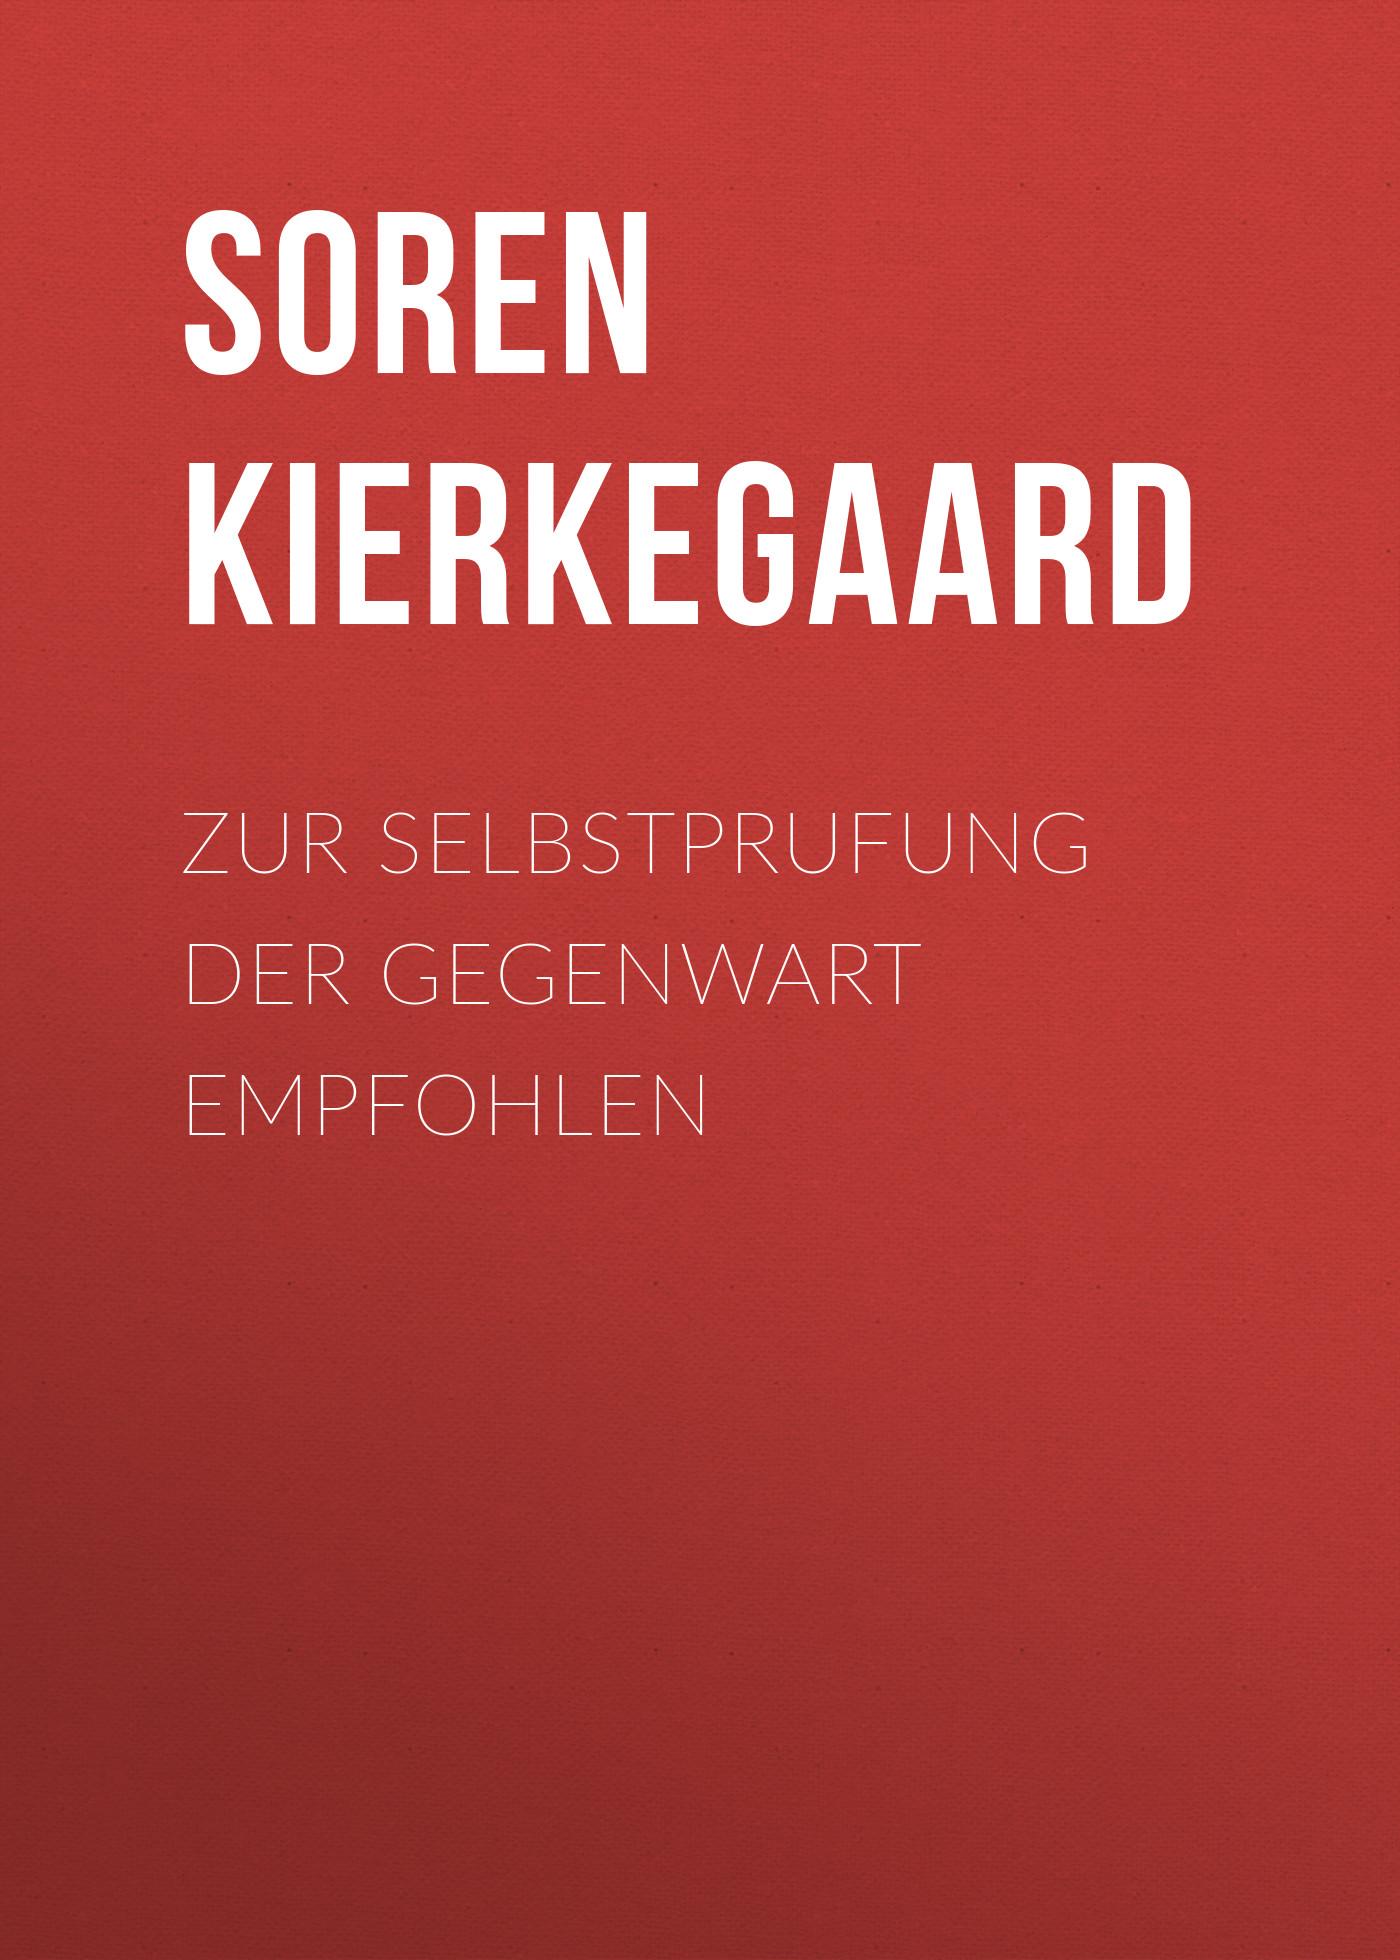 Soren Kierkegaard Zur Selbstprufung der Gegenwart empfohlen kierkegaard within your grasptm